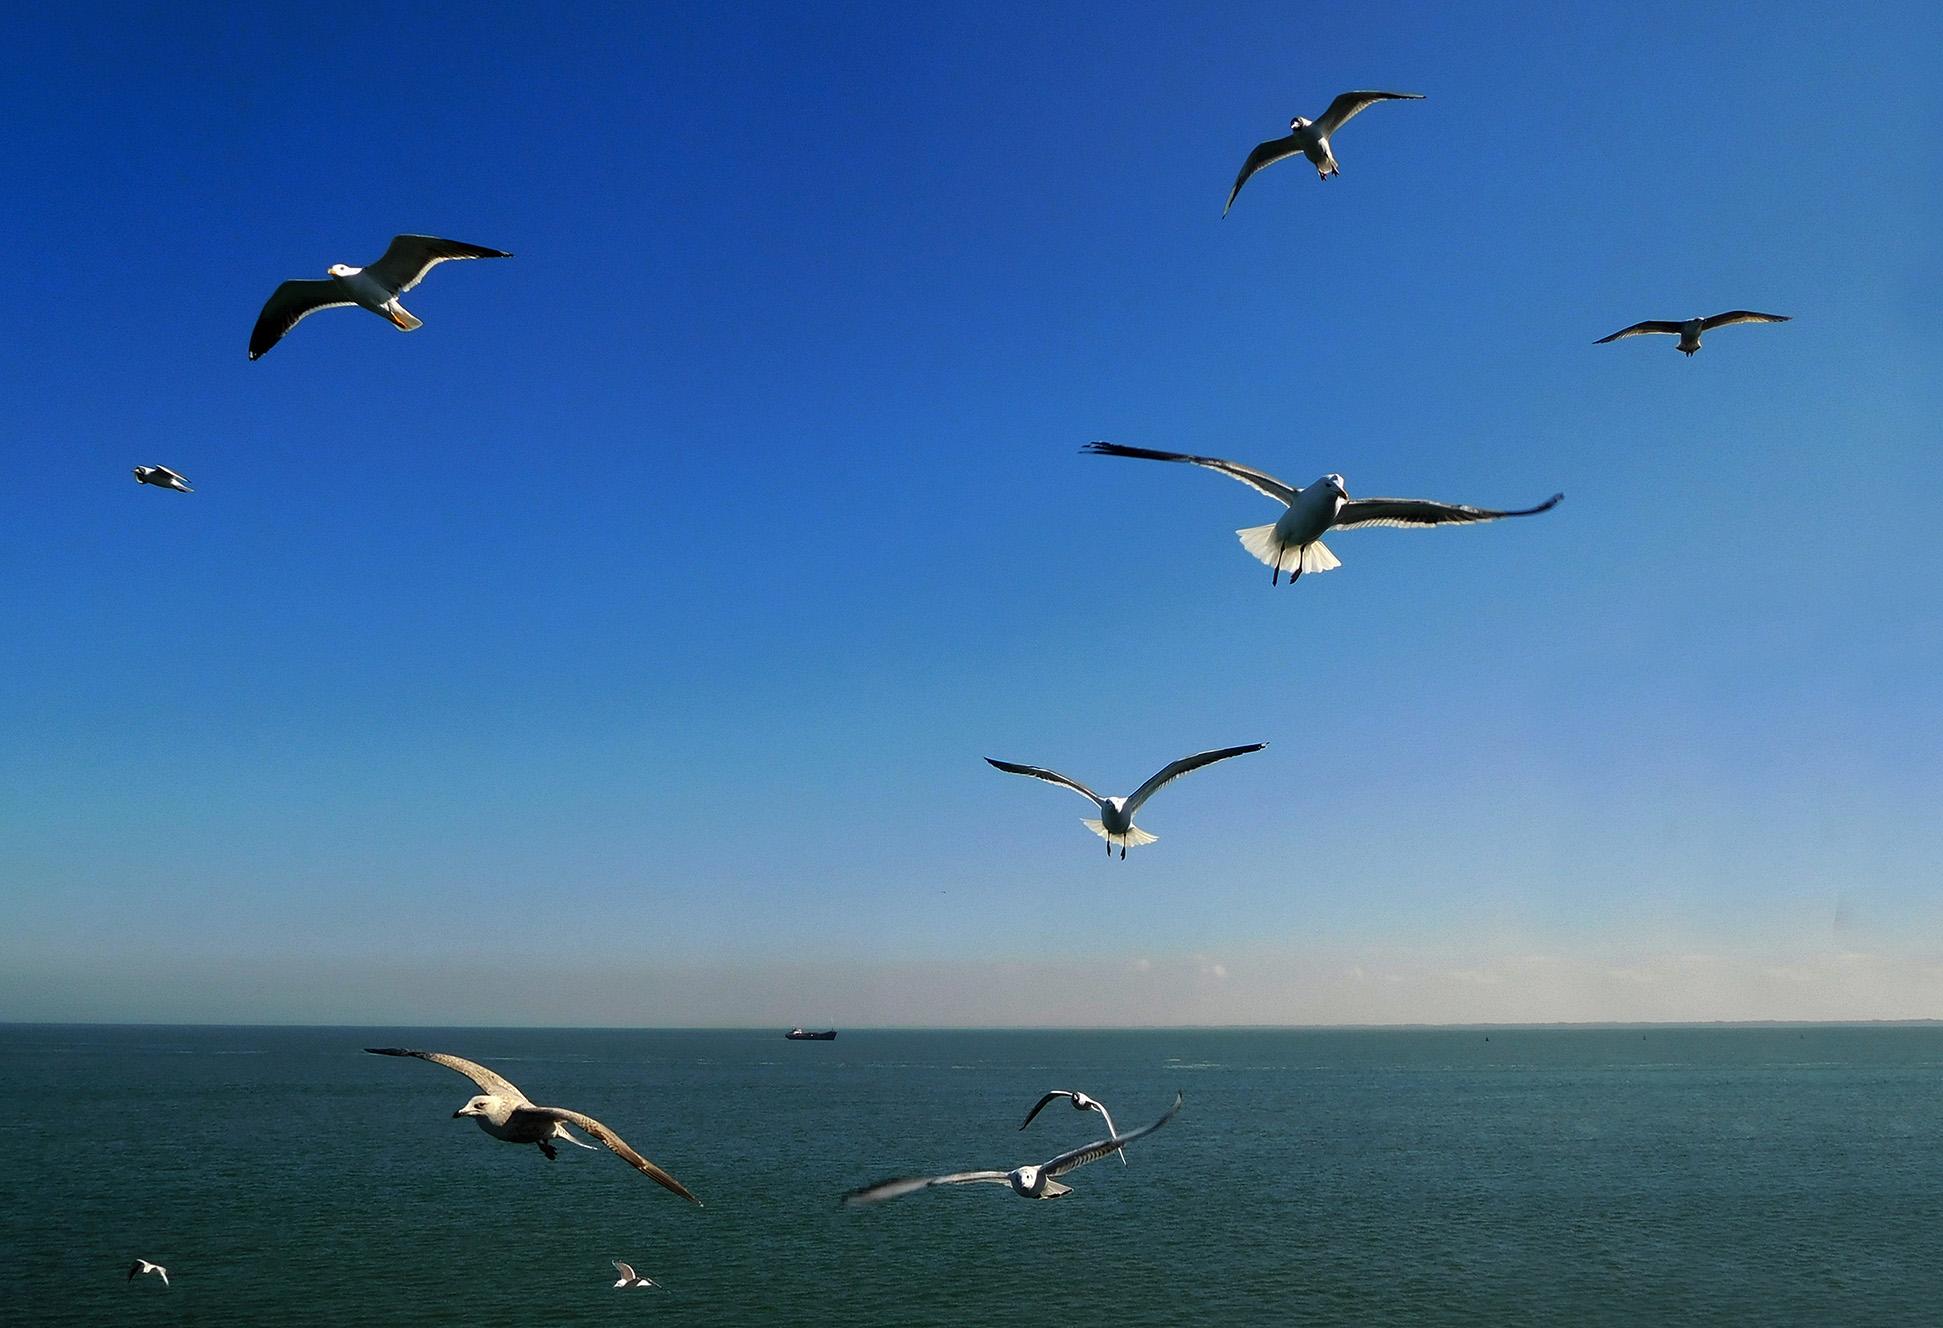 Tientallen meeuwen die rondom de veerboot zweven op de zeewind – Foto: ©Fransien Fraanje